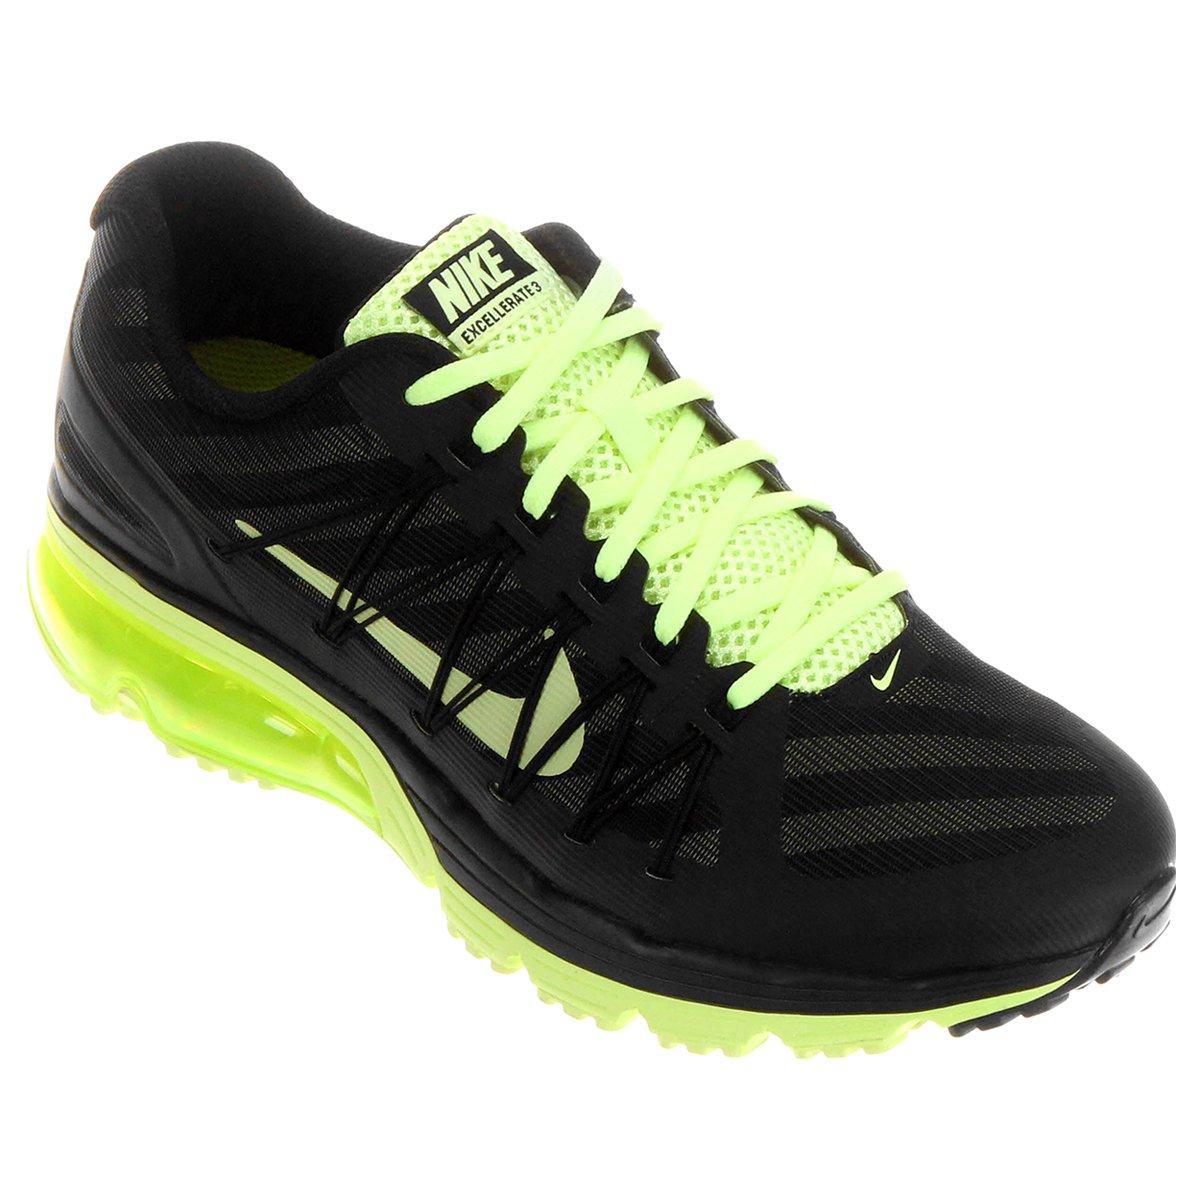 Tênis Nike Air Max Excellerate 3 NR - Compre Agora  6deee3a341c66